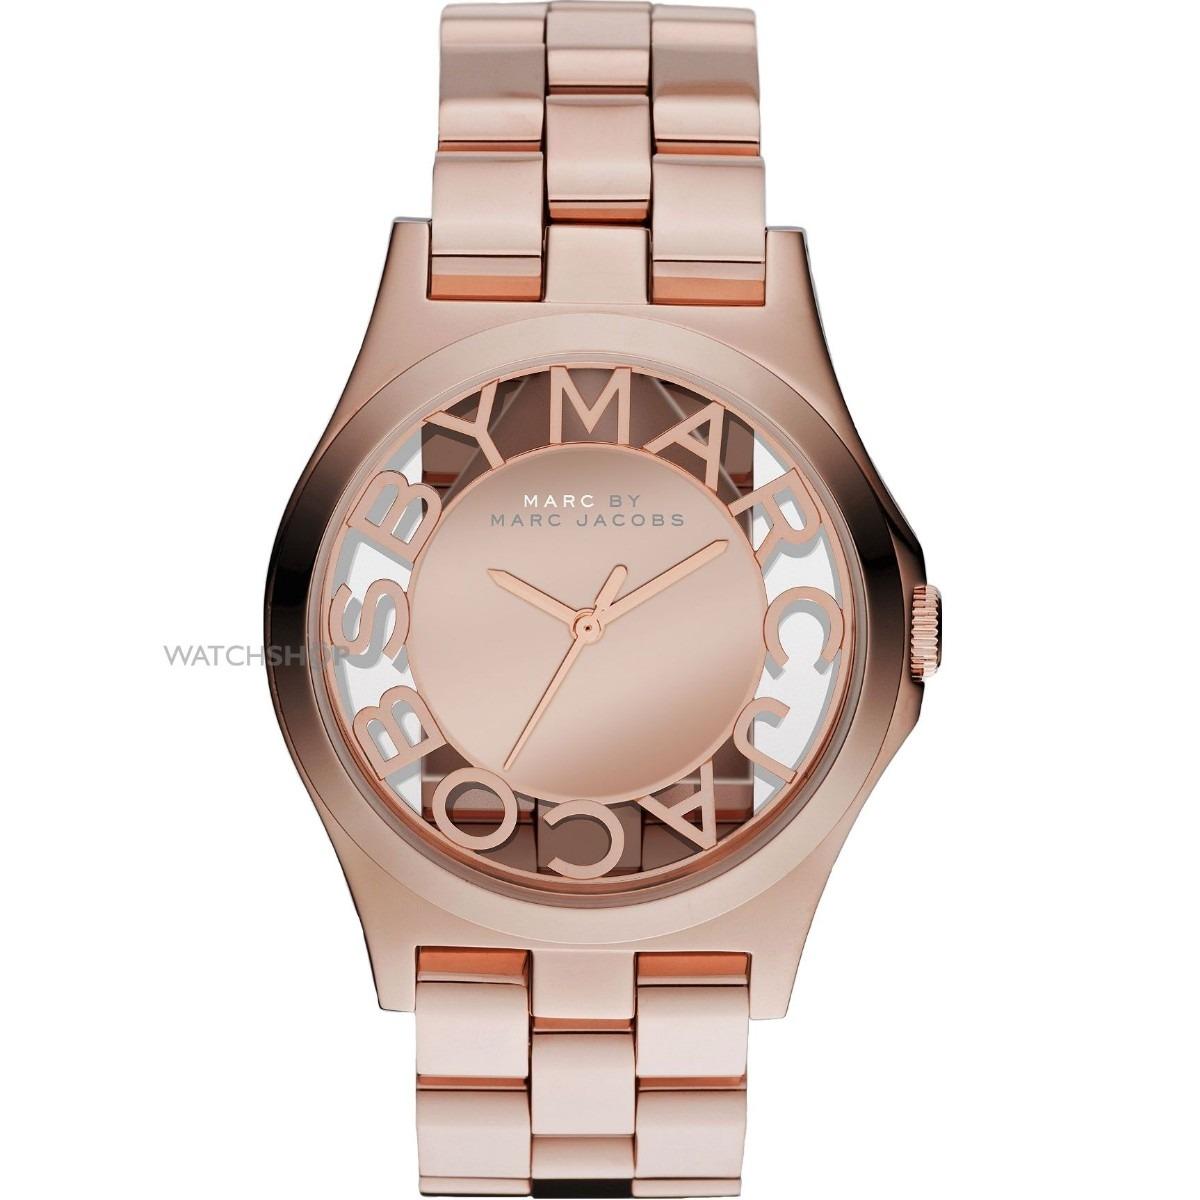 Relógio Marc Jacobs Skeleton Rose Mbm3207 - R  1.299,00 em Mercado Livre e668615a43